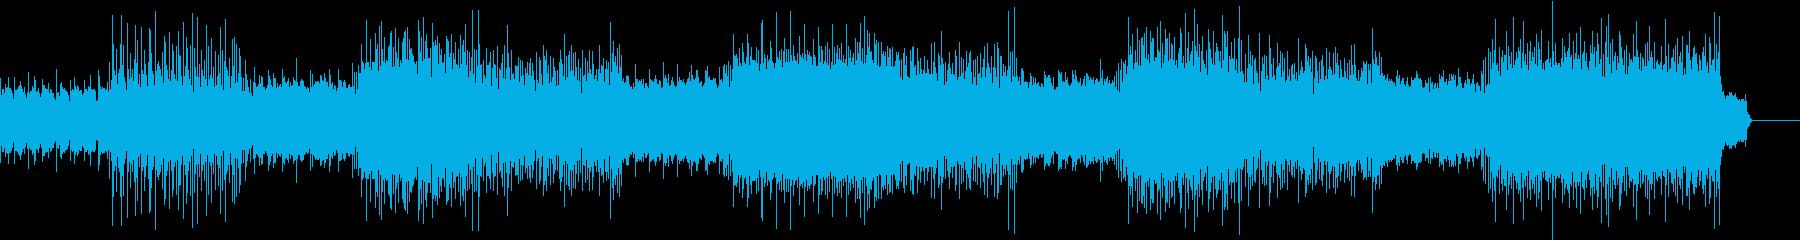 クリスチャンポップ。ピアノバー、フ...の再生済みの波形